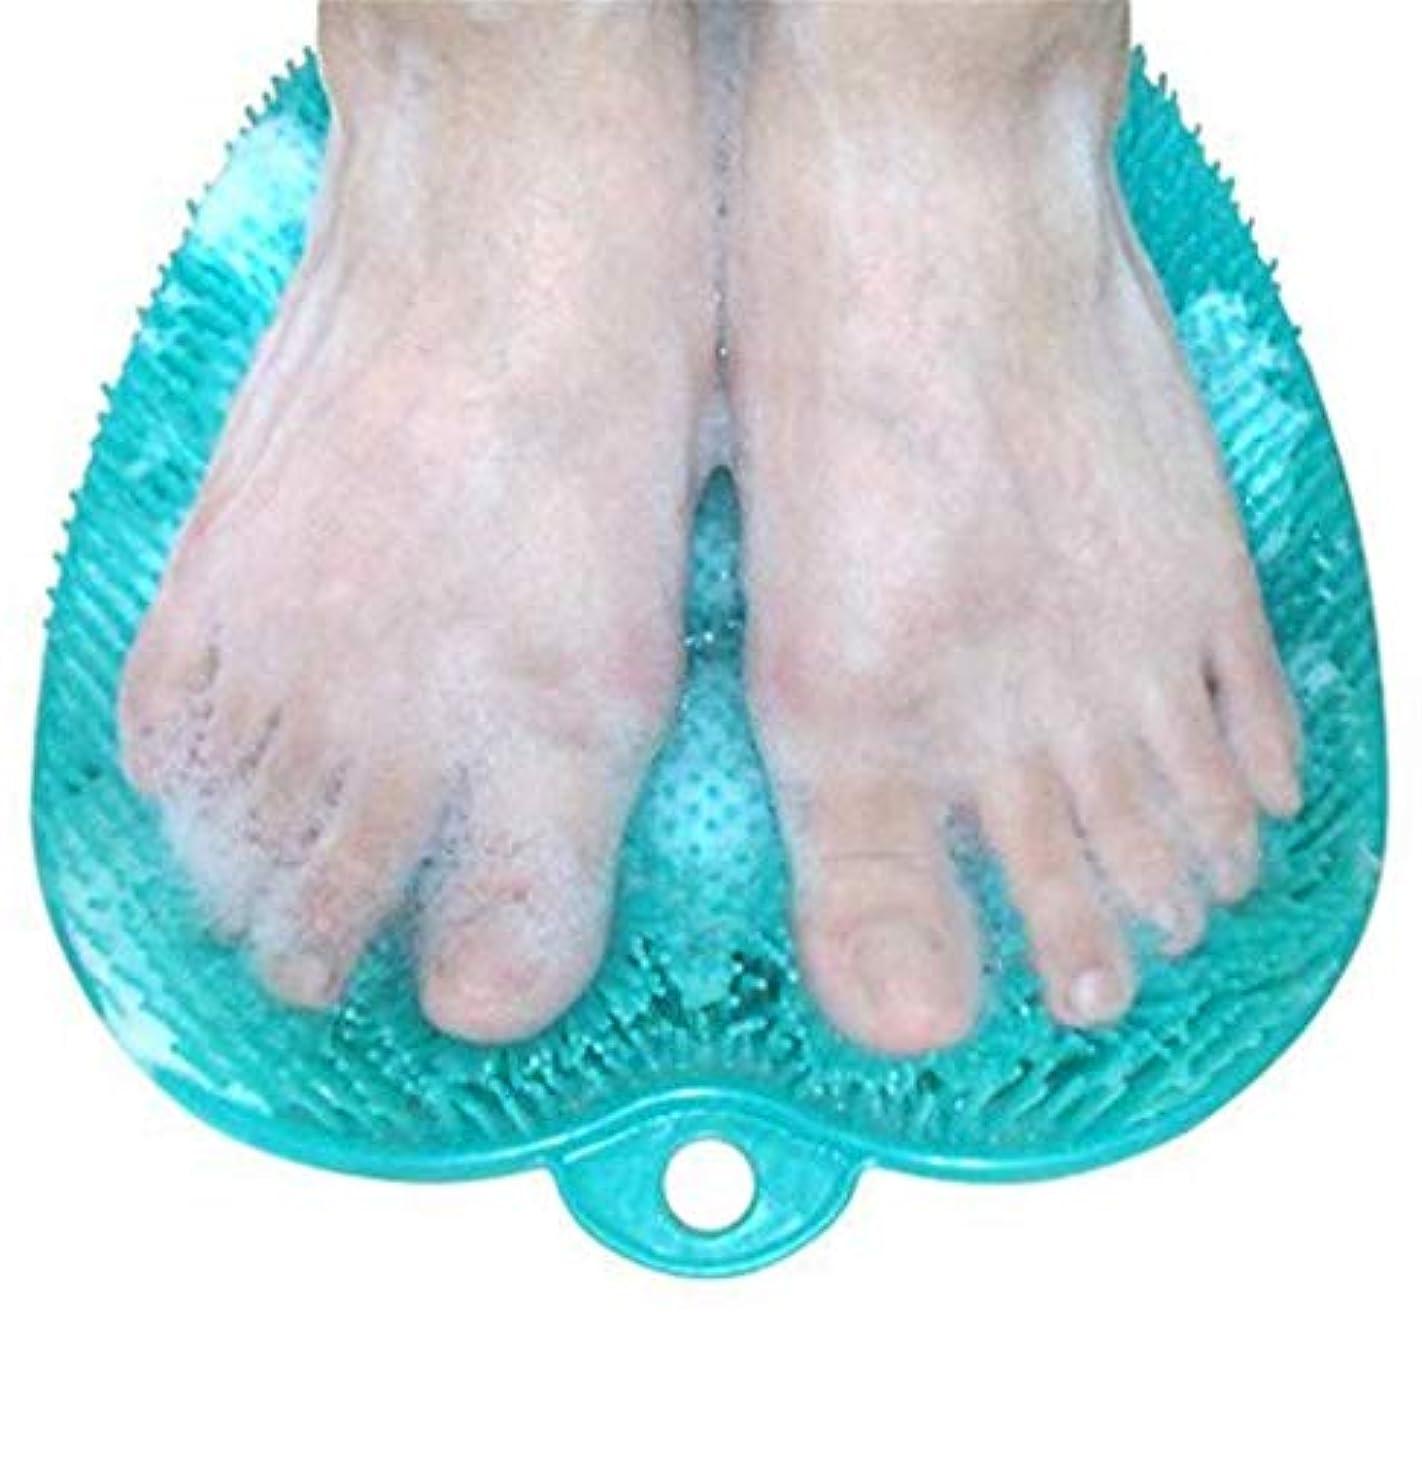 自分自分のために嘆願滑り止めの吸引のコップが付いているNewthinkingのフィートのスクラバーの洗剤のマッサージャーのマッサージャーのブラシおよびフットケアのための柔らかい足の指圧のマッサージのマット